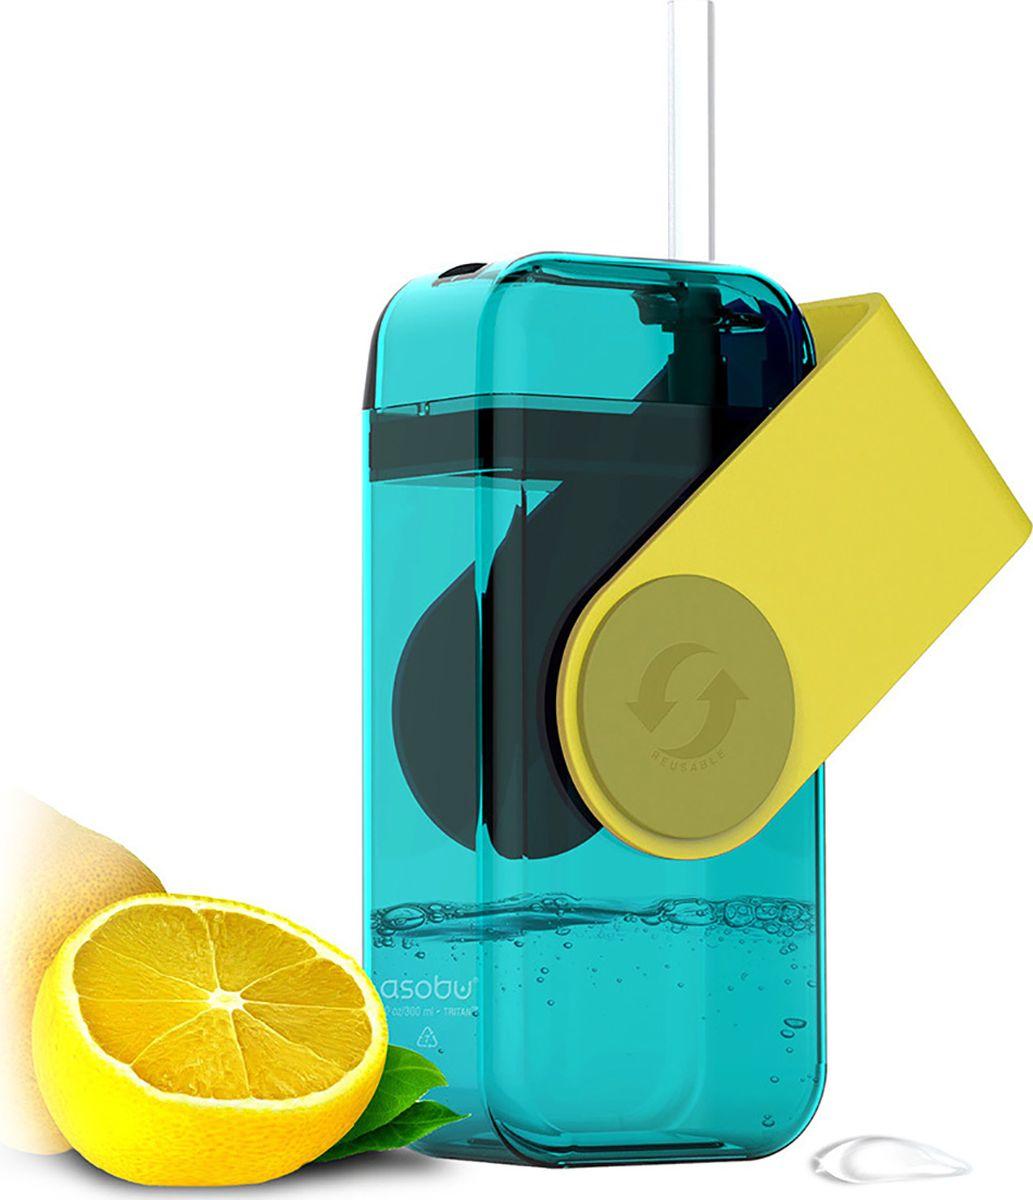 Бутылка Asobu Juicy drink box, цвет: желтый, 290 мл бокс рский мешок не наполненный